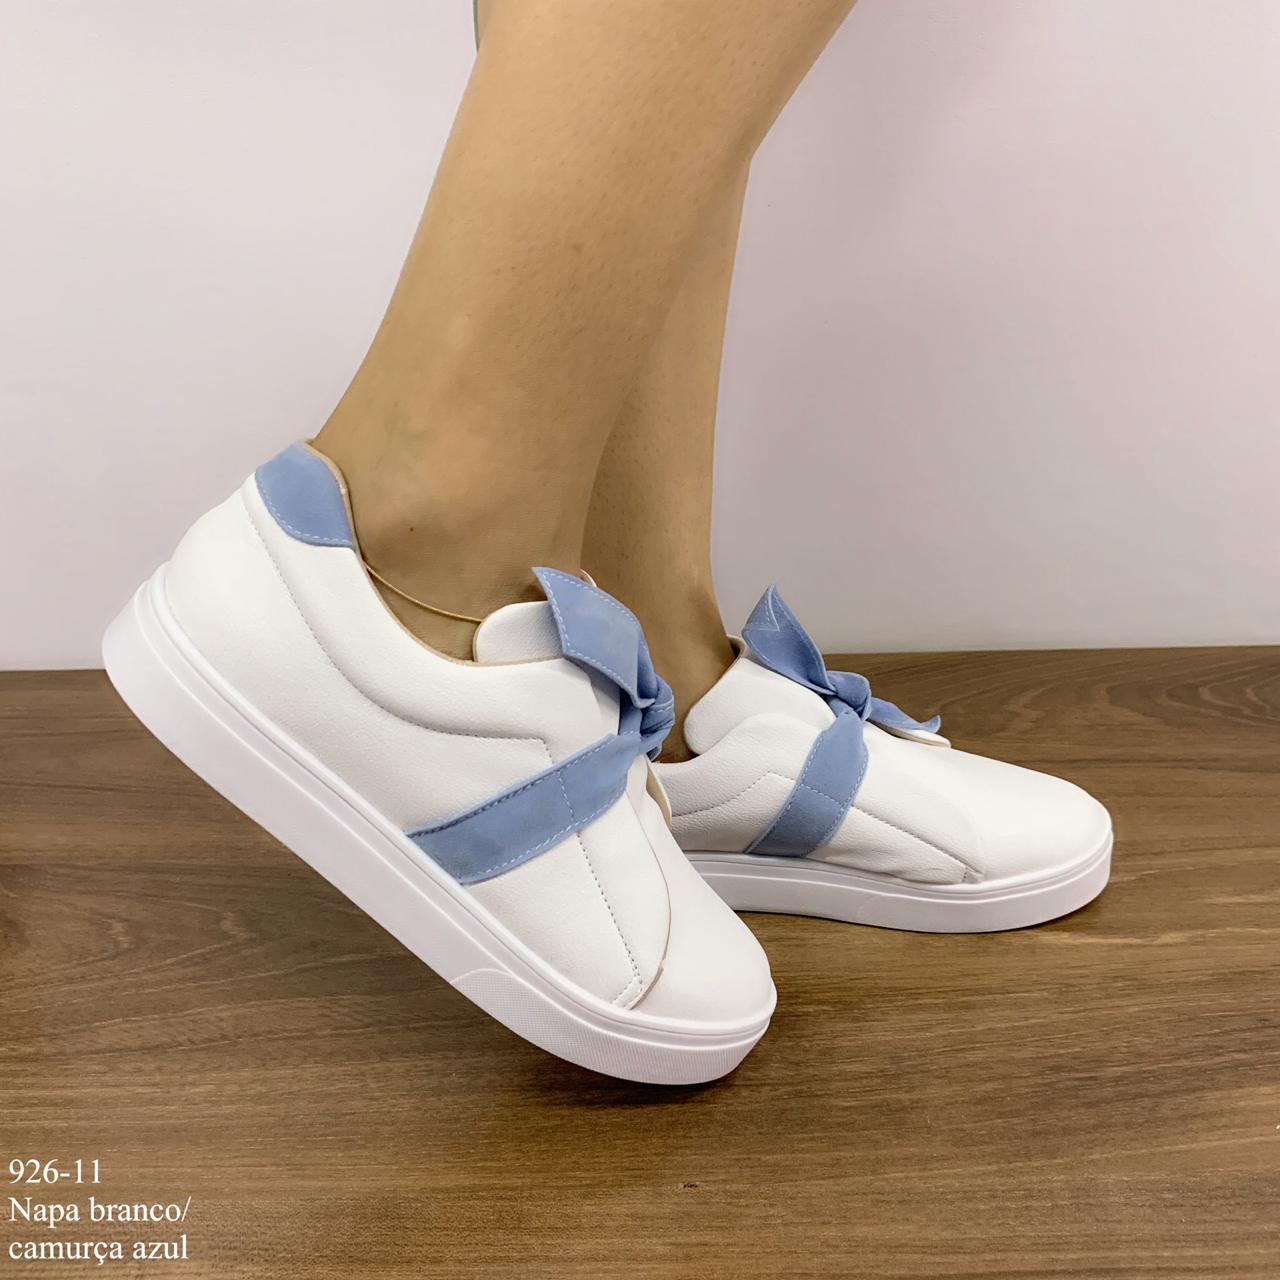 Tênis Feminino Branco Napa laço camurça azul | D- 926-11